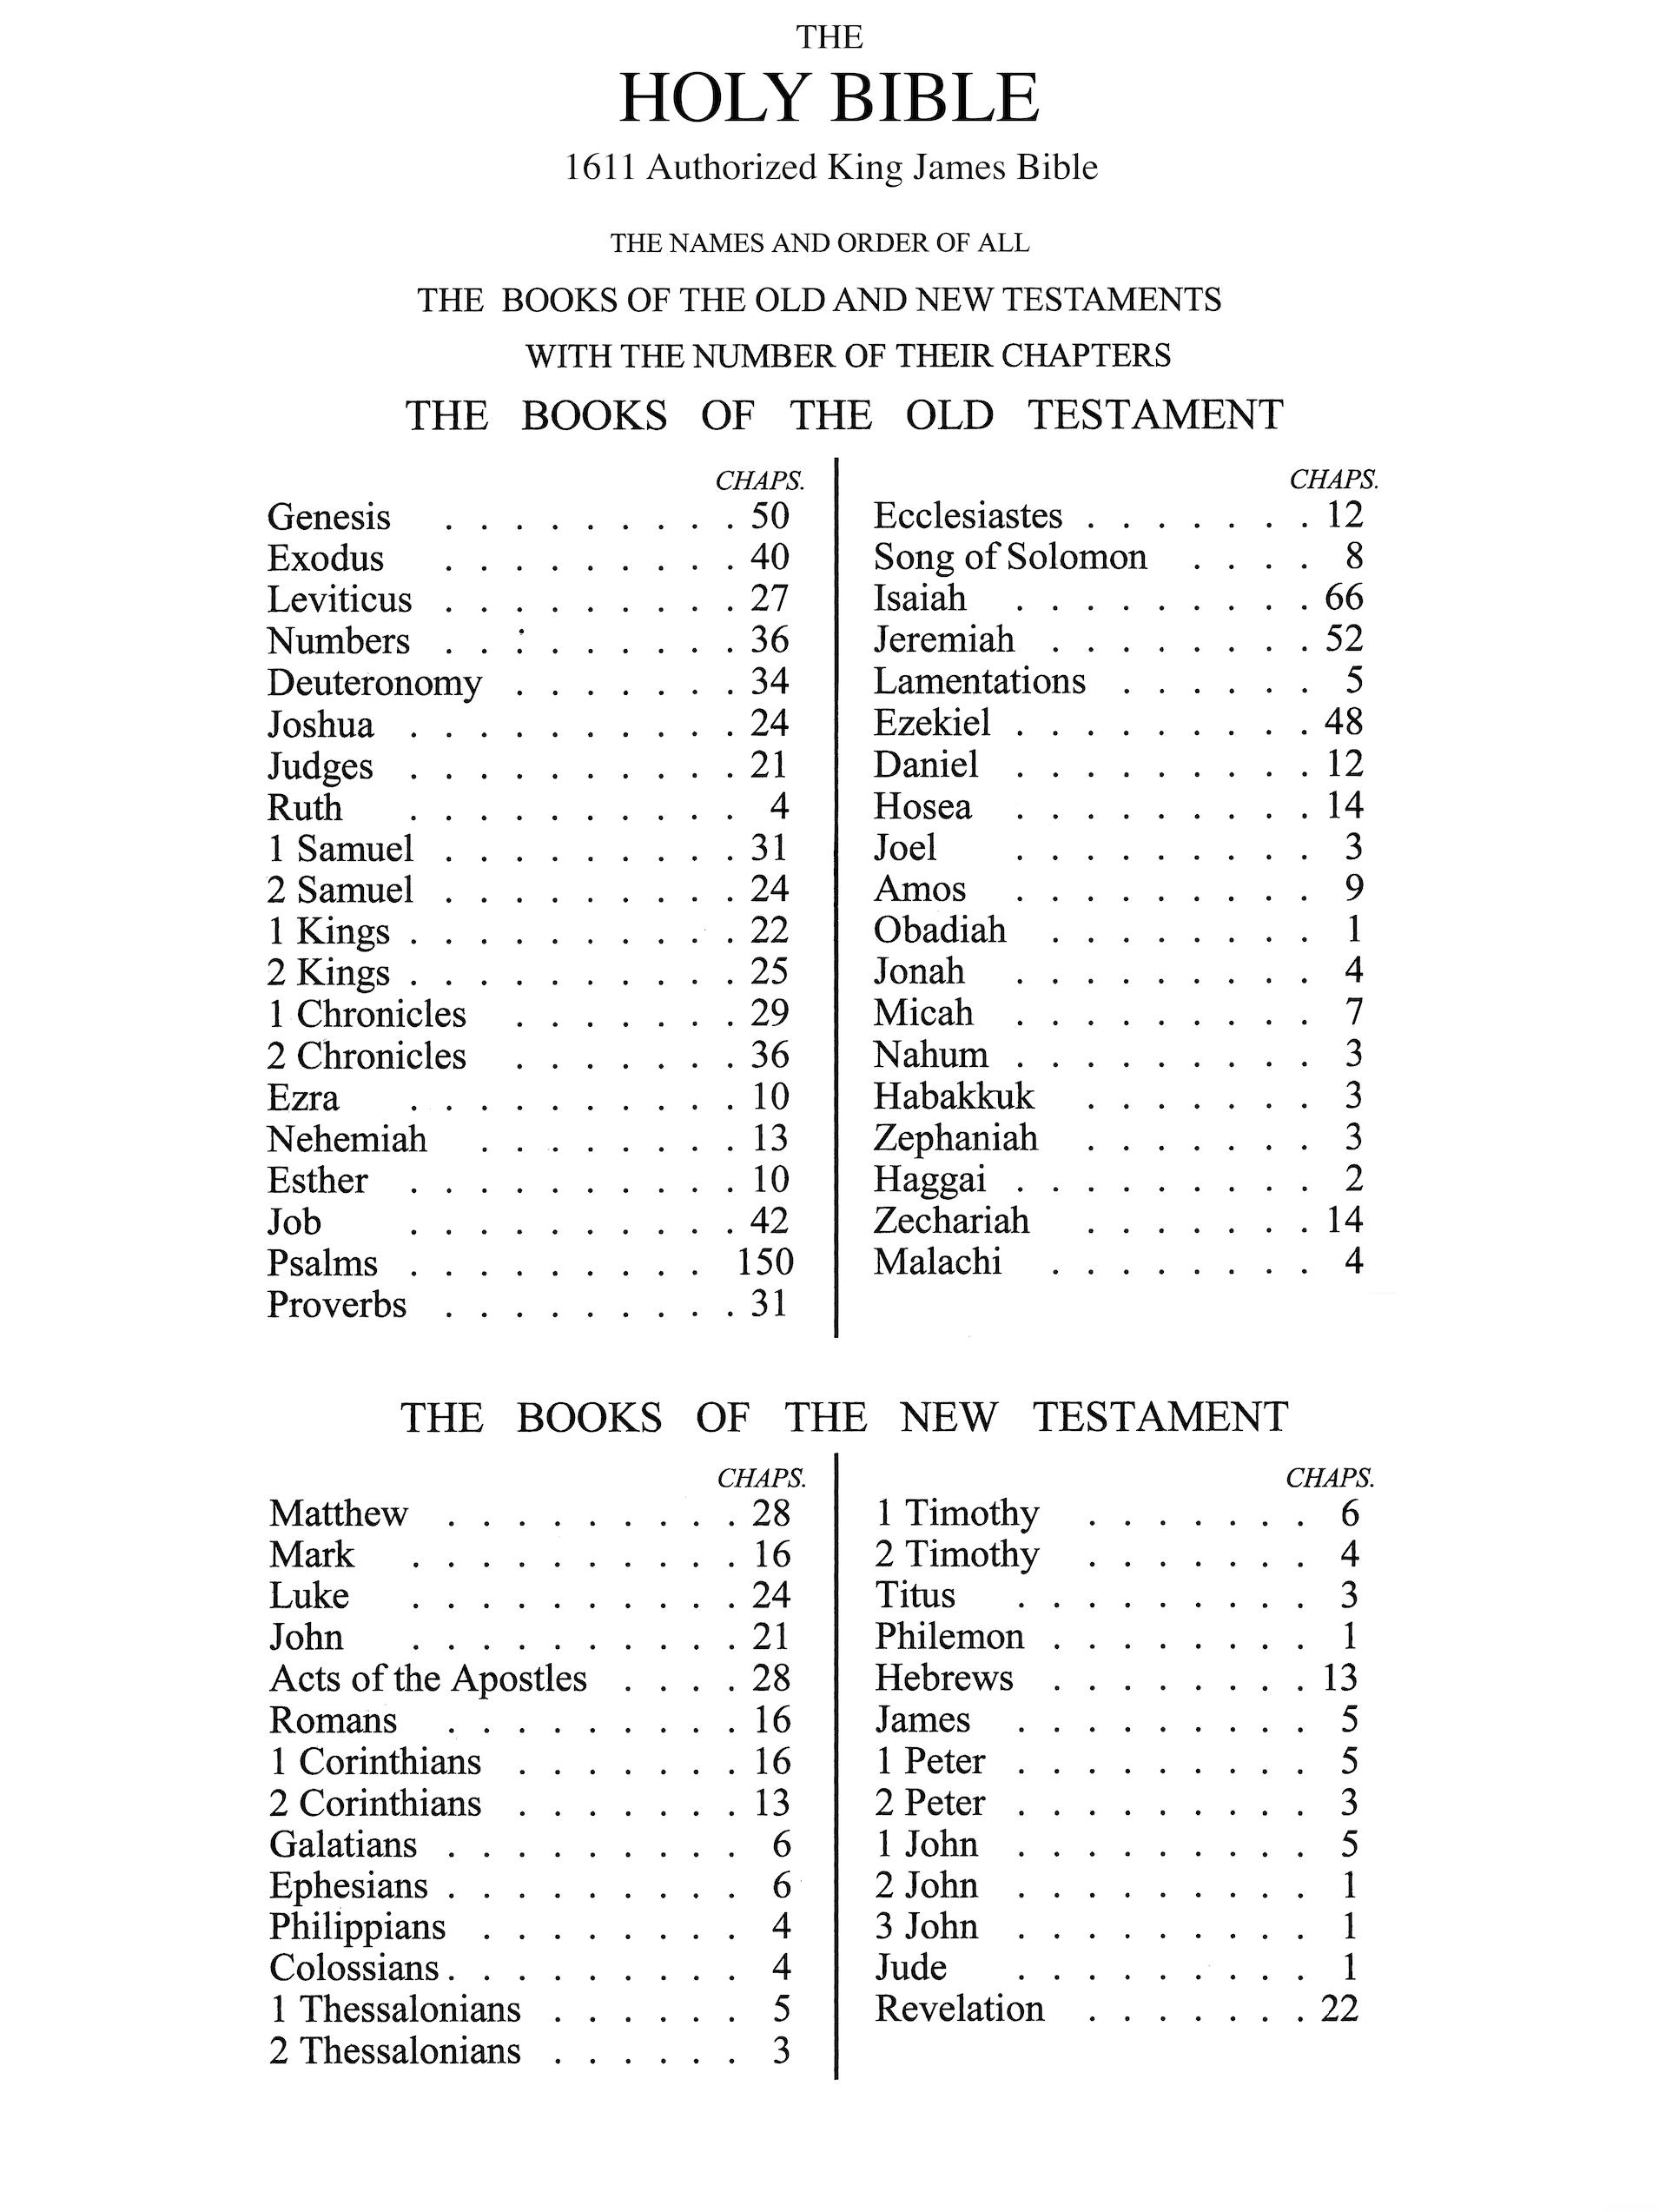 KJV 1611 bijbelboeken